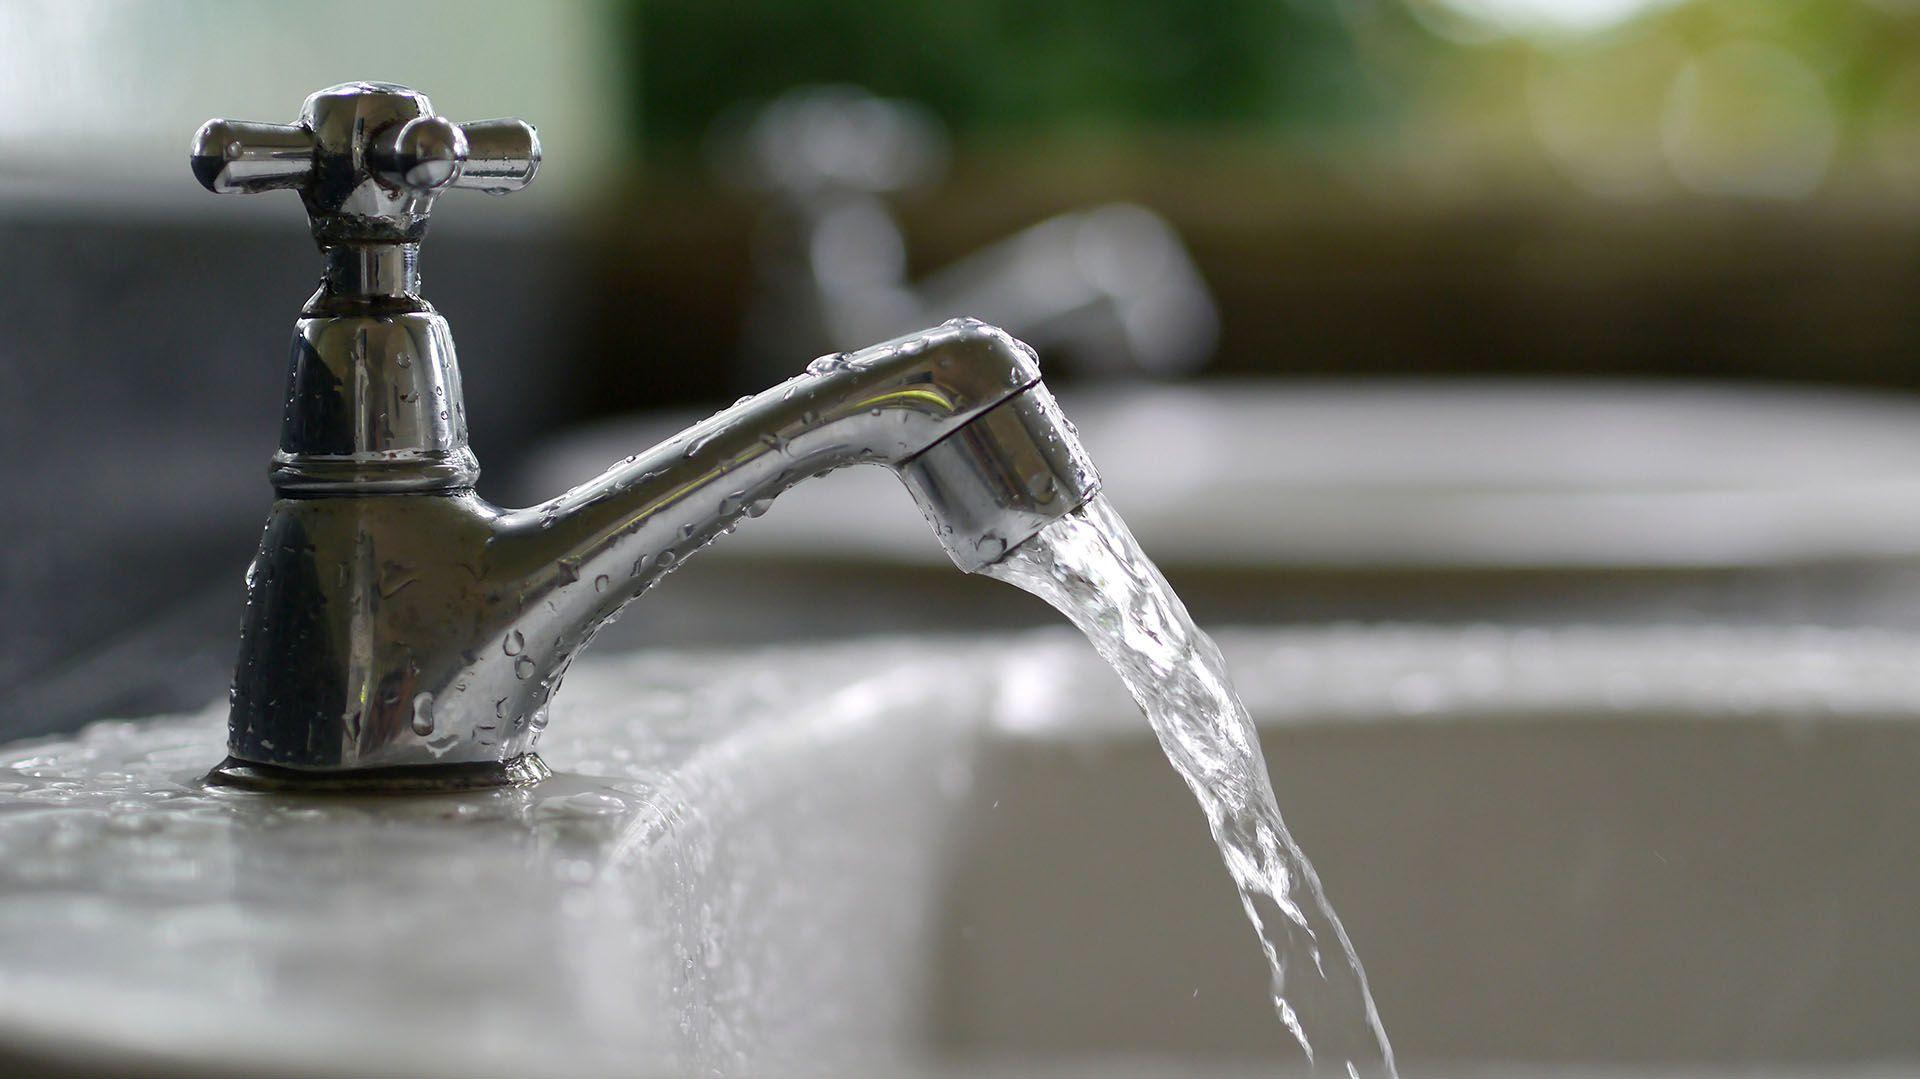 Clientes se mostraron preocupados por la calidad del agua en sus hogares